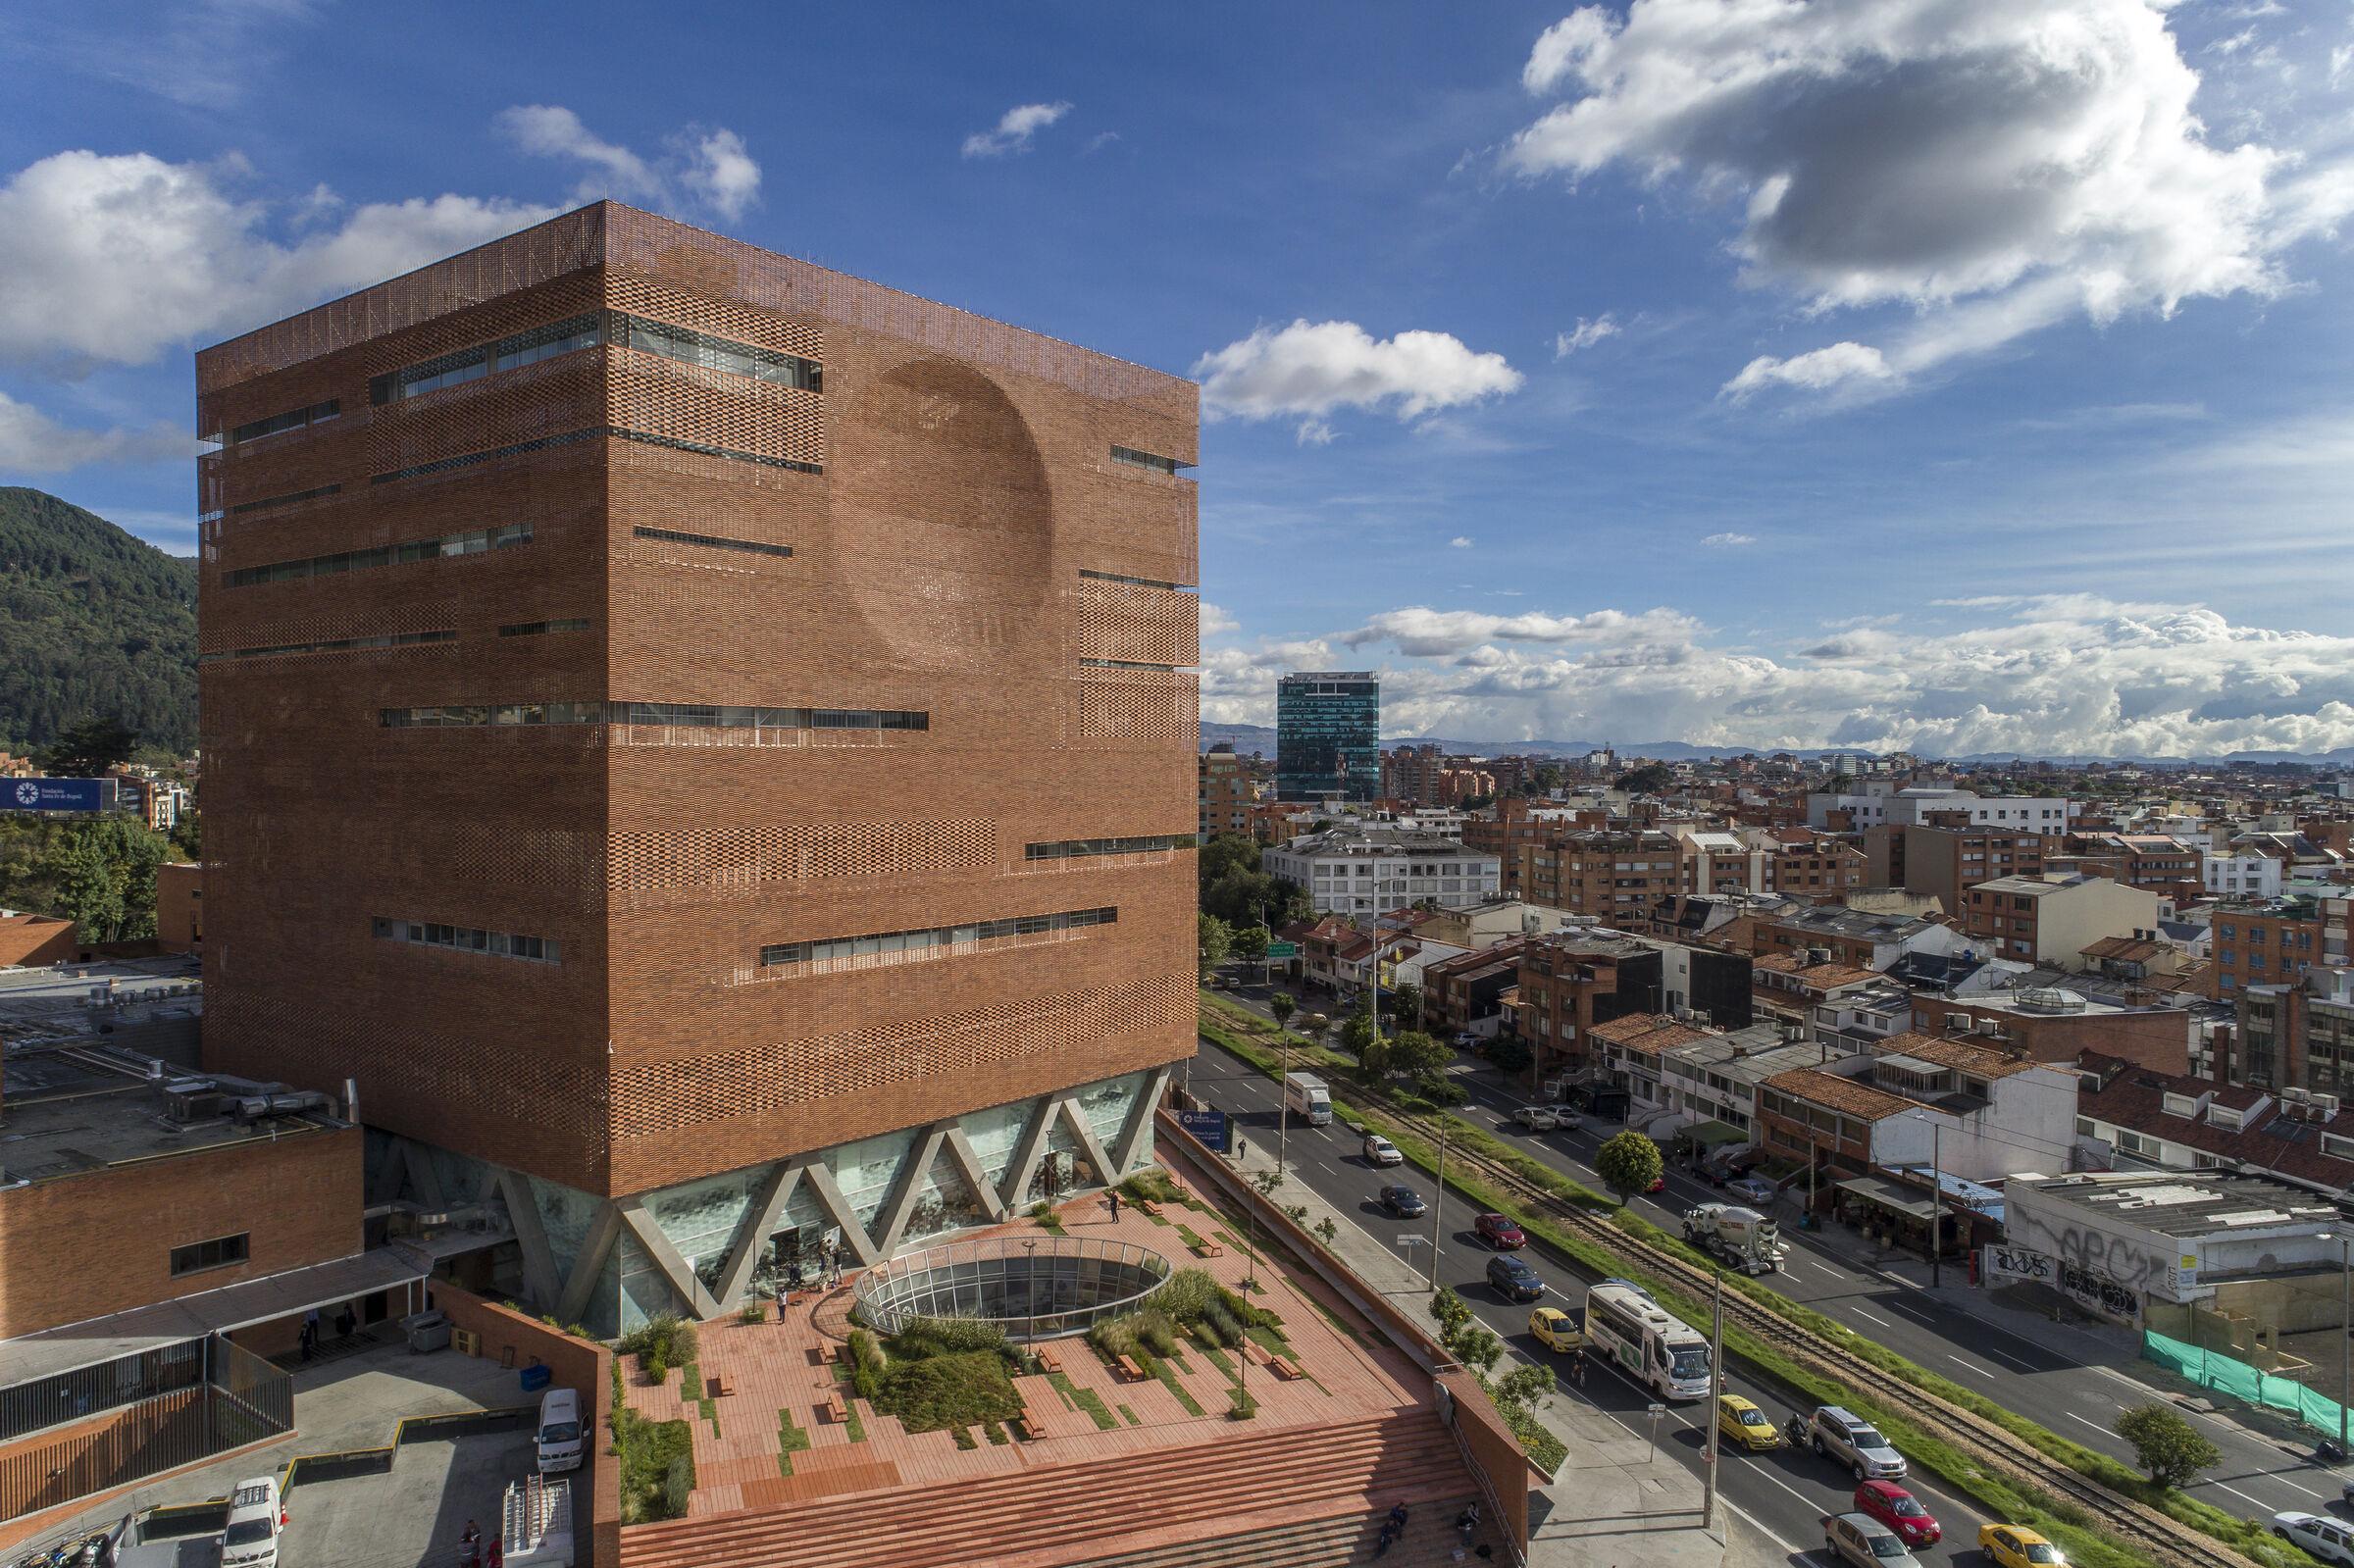 Expansion of the University Hospital of the Santa Fe de Bogotá Foundation_Columbia_El Equipo Mazzanti_Giancarlo Mazzanti_photograph by Alejandro Arango.jpg